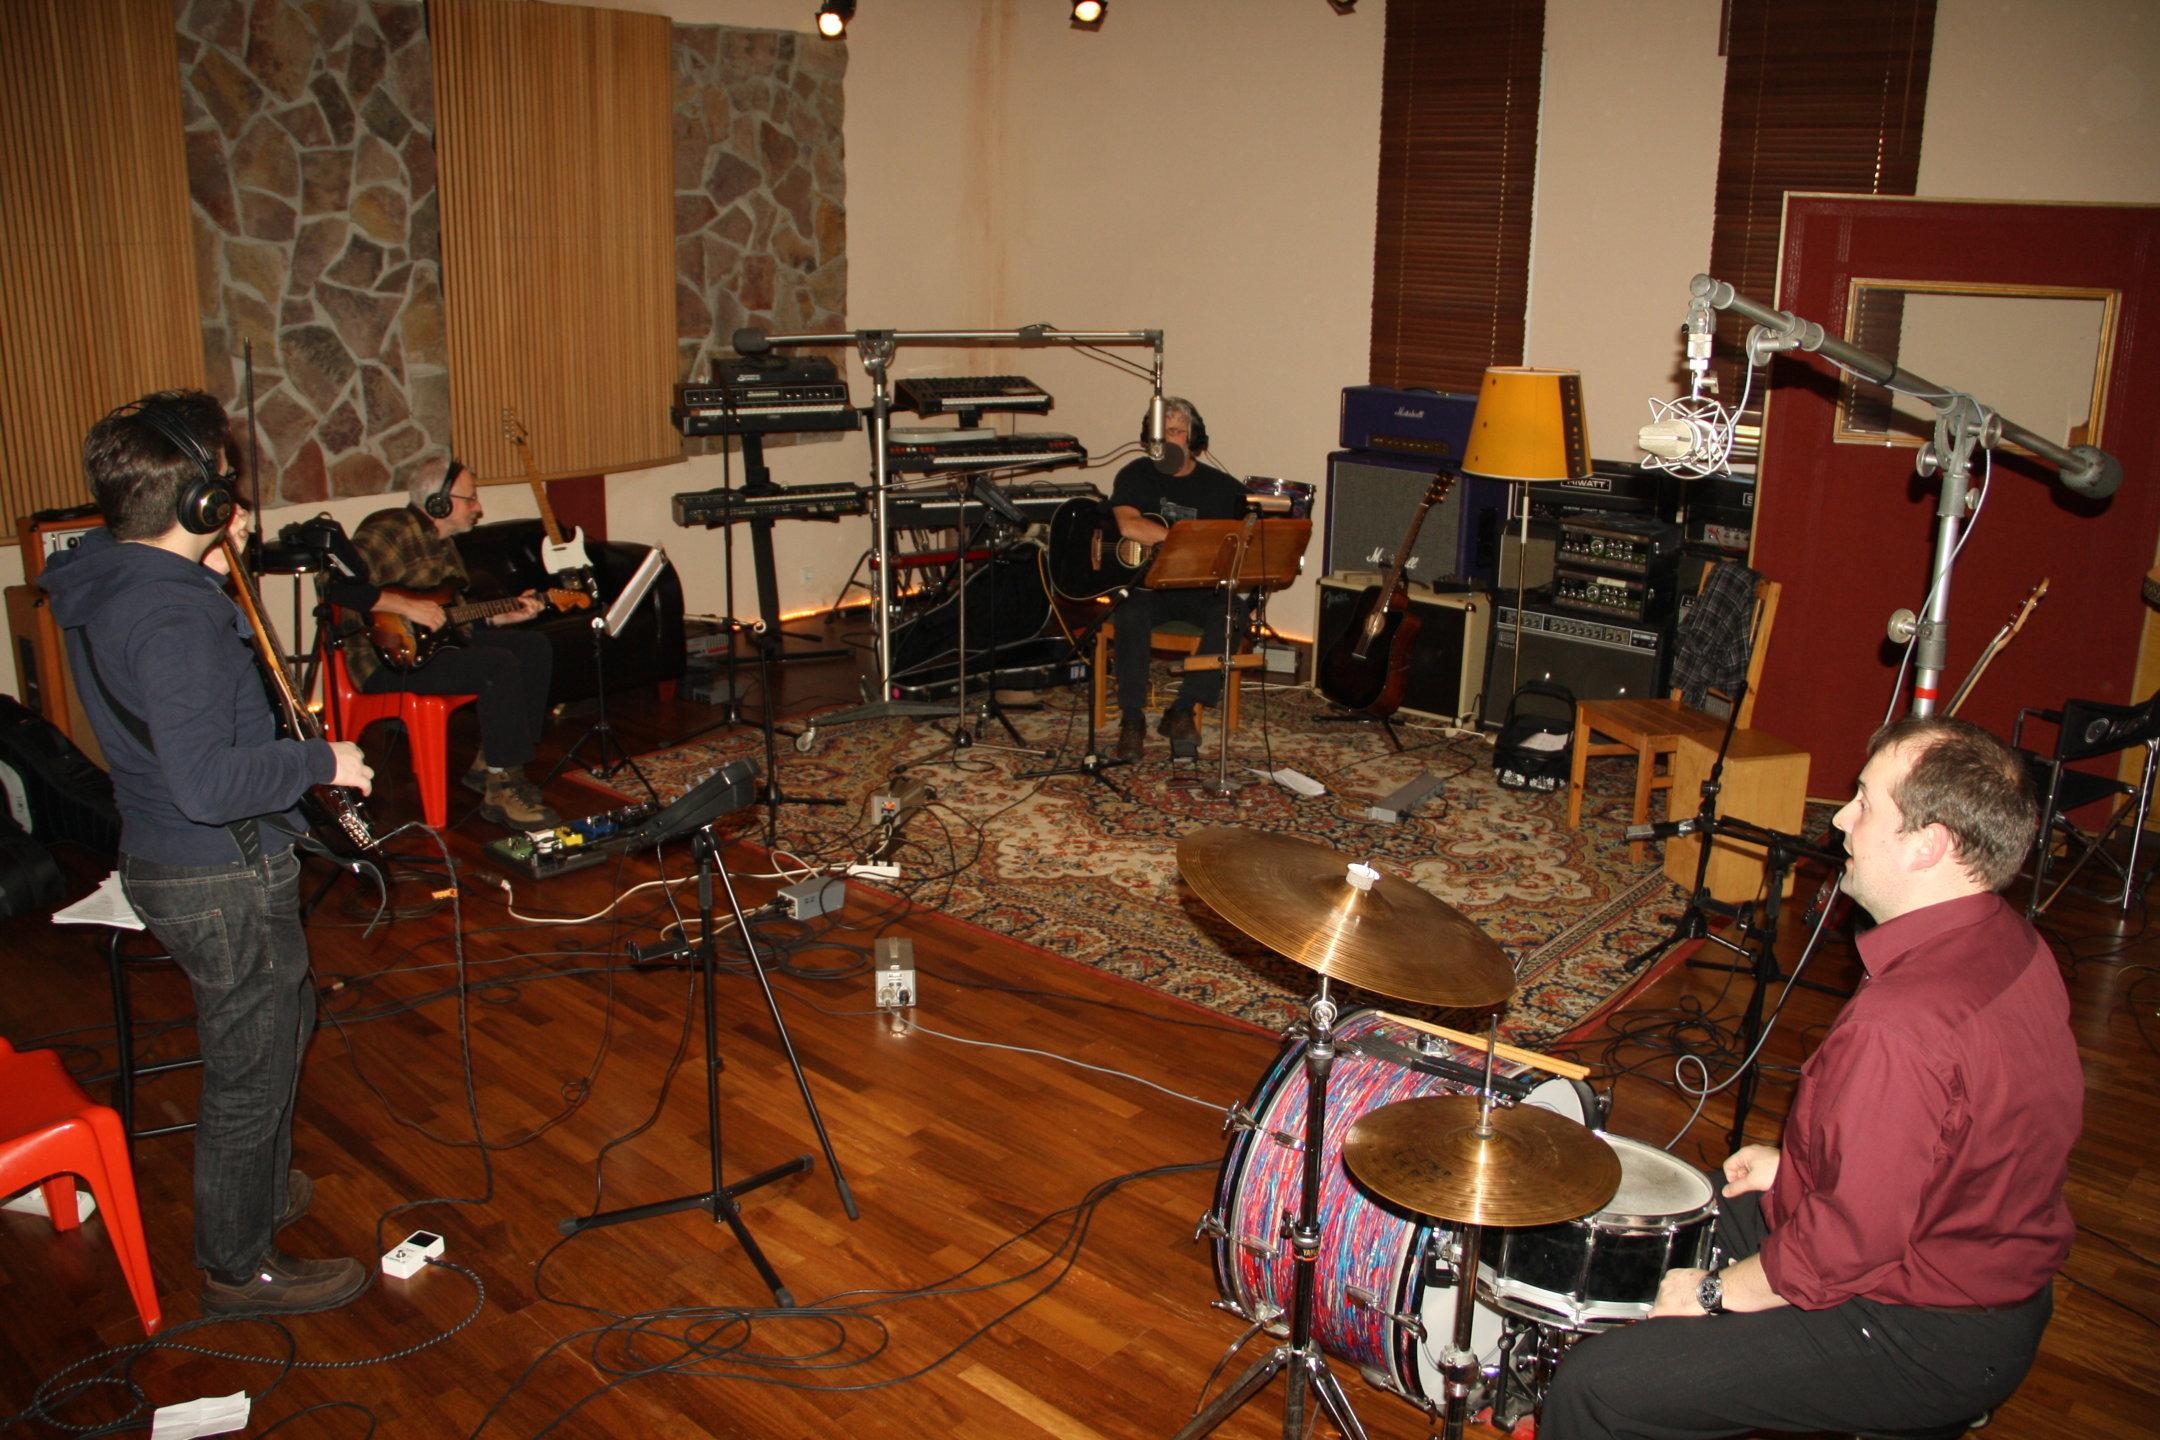 Bandaufnahmen im Studio